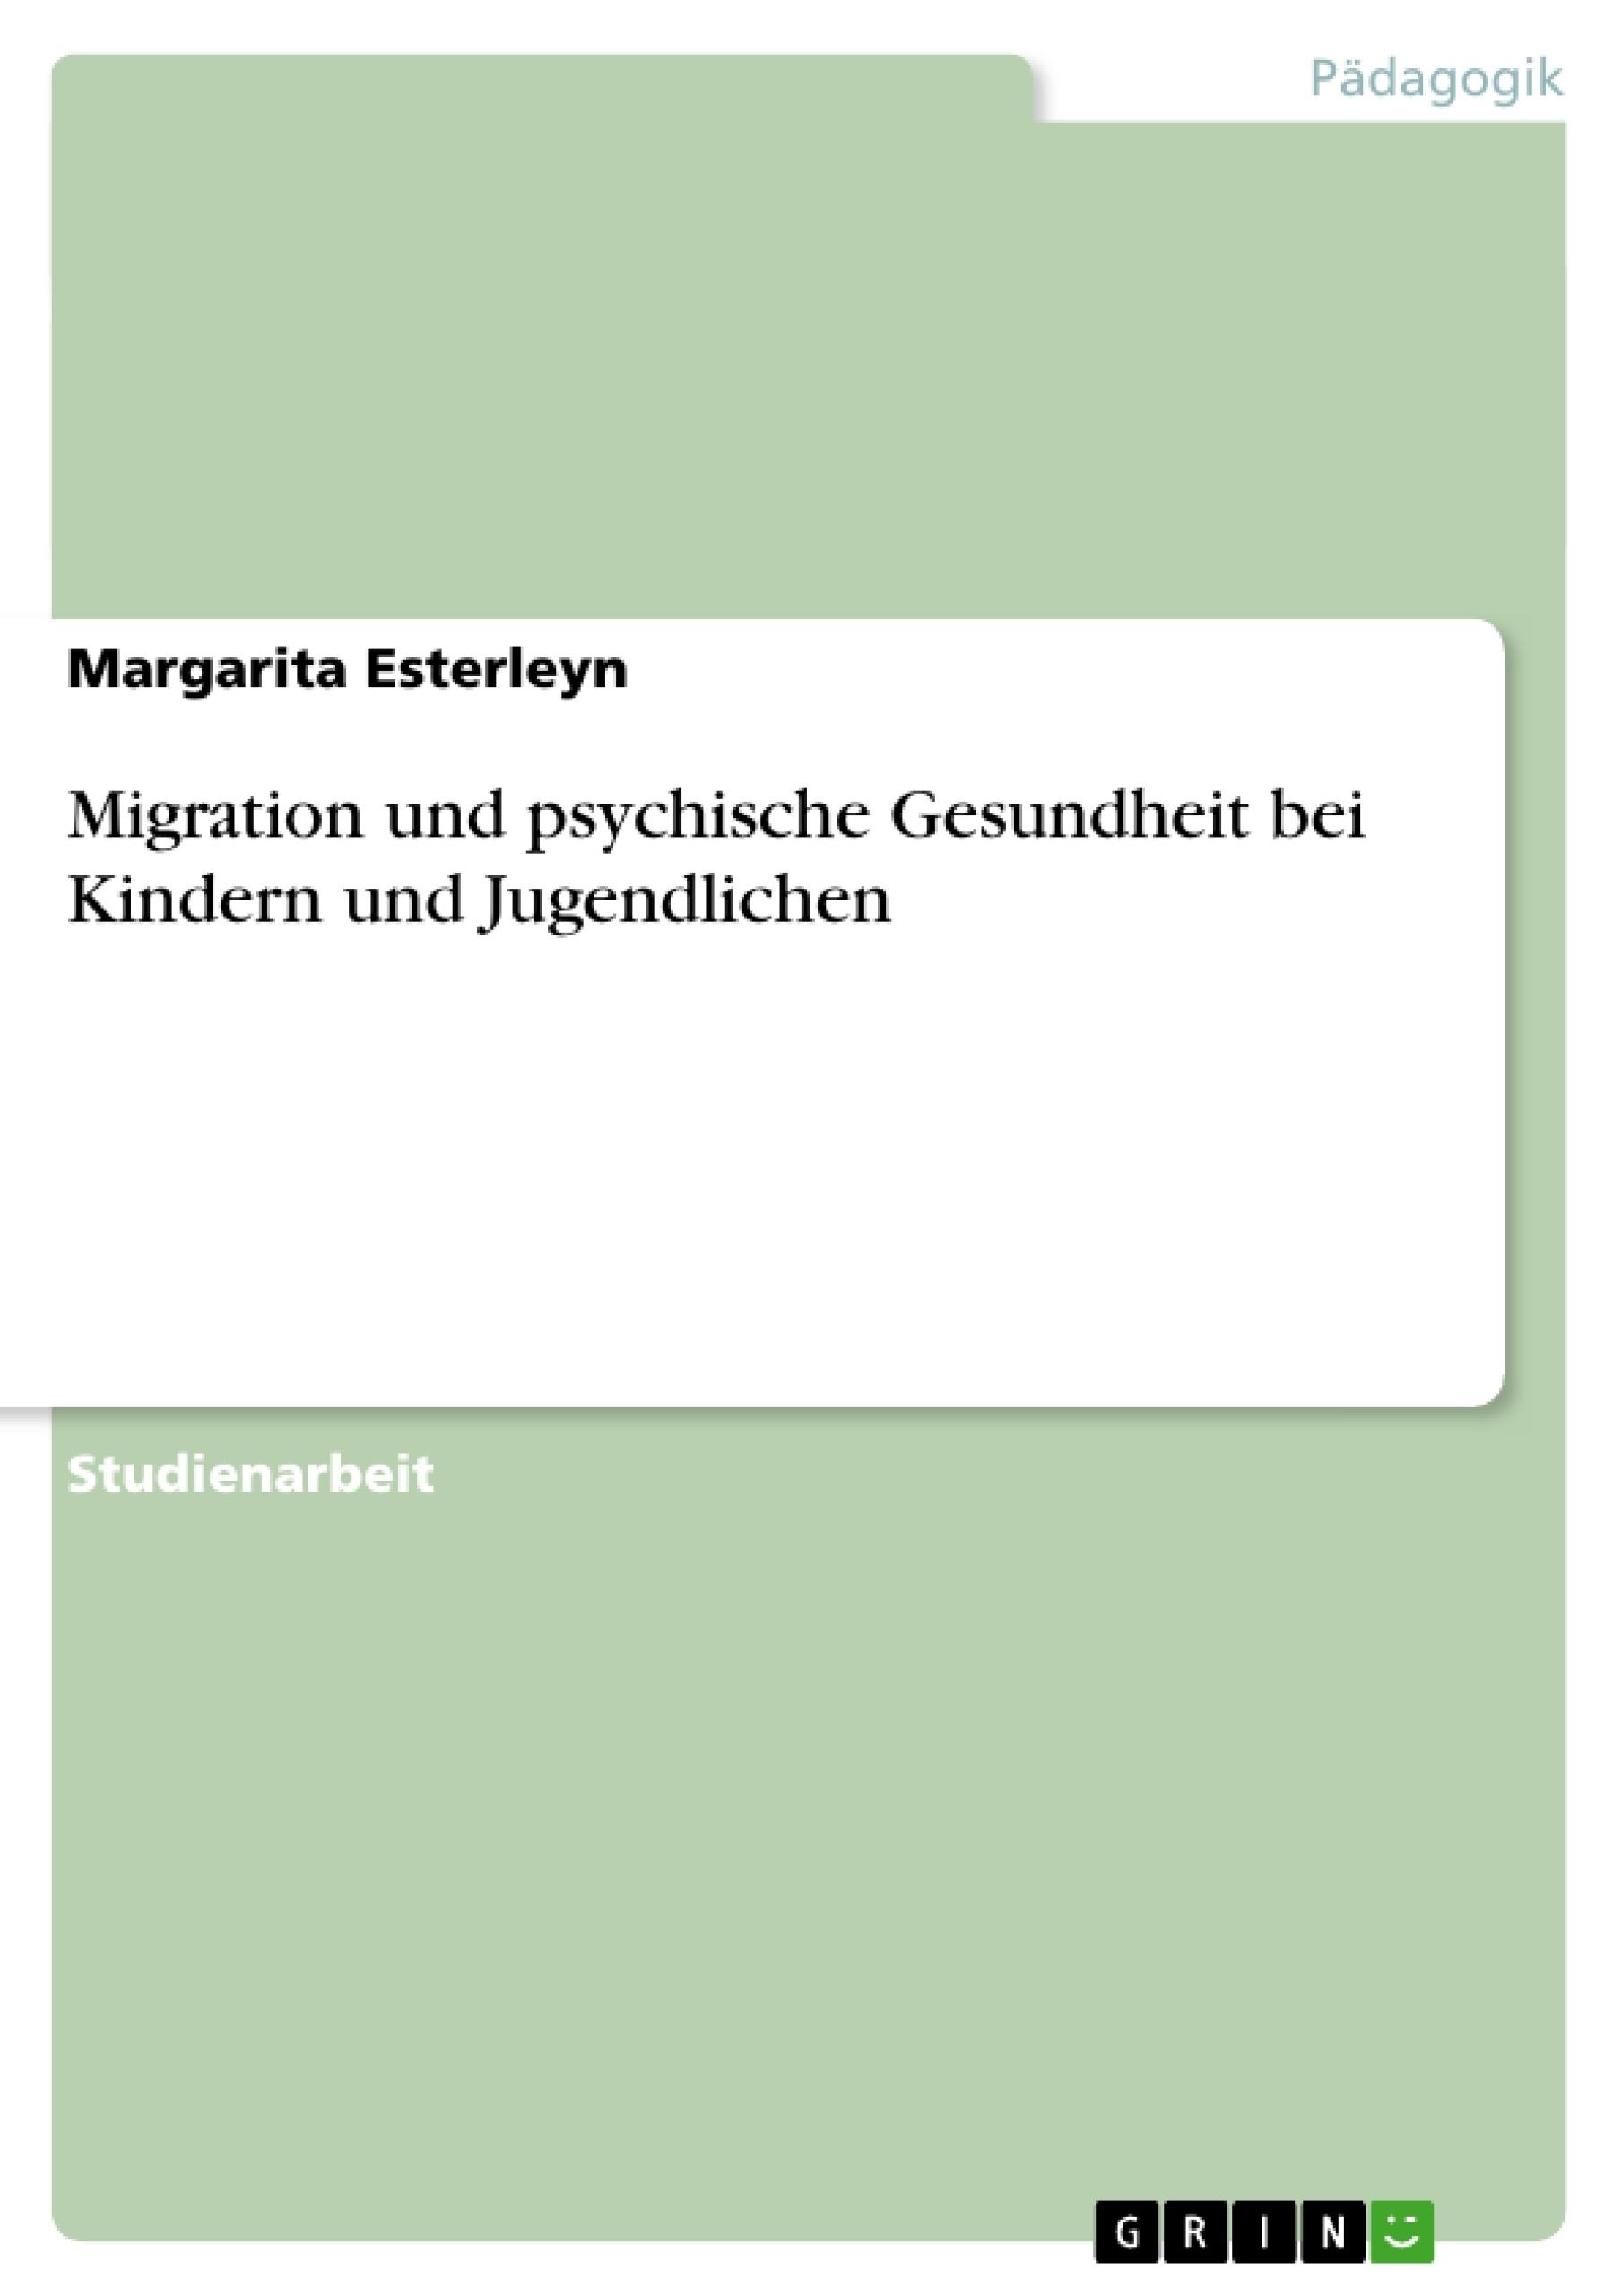 Titel: Migration und psychische Gesundheit bei Kindern und Jugendlichen